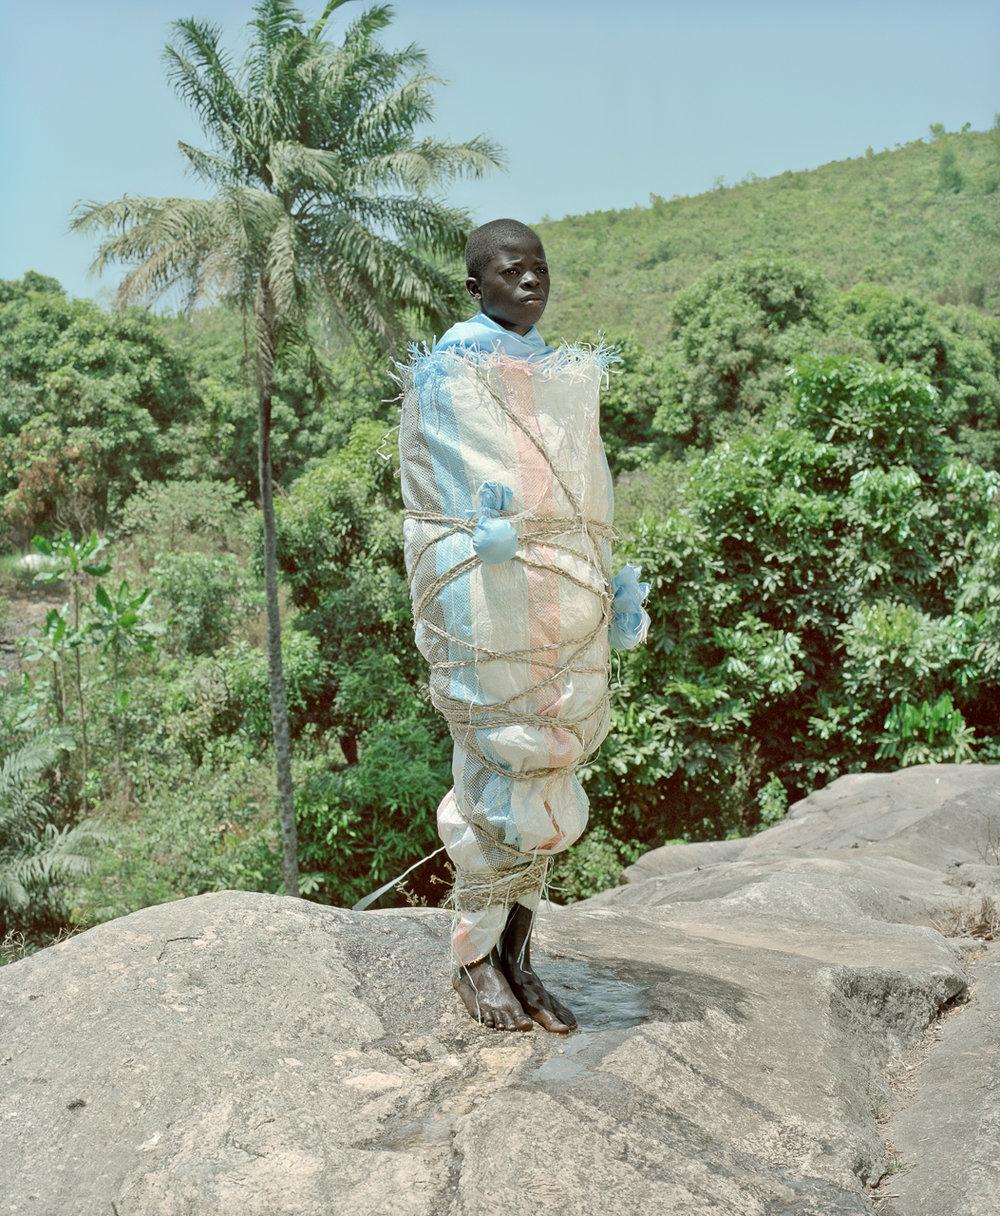 POPCAP_2012_Winner_1280px_RGB_1207_StatuetteNganga_SaleLaye_Guinee 2011_Namsa_Leuba.jpg